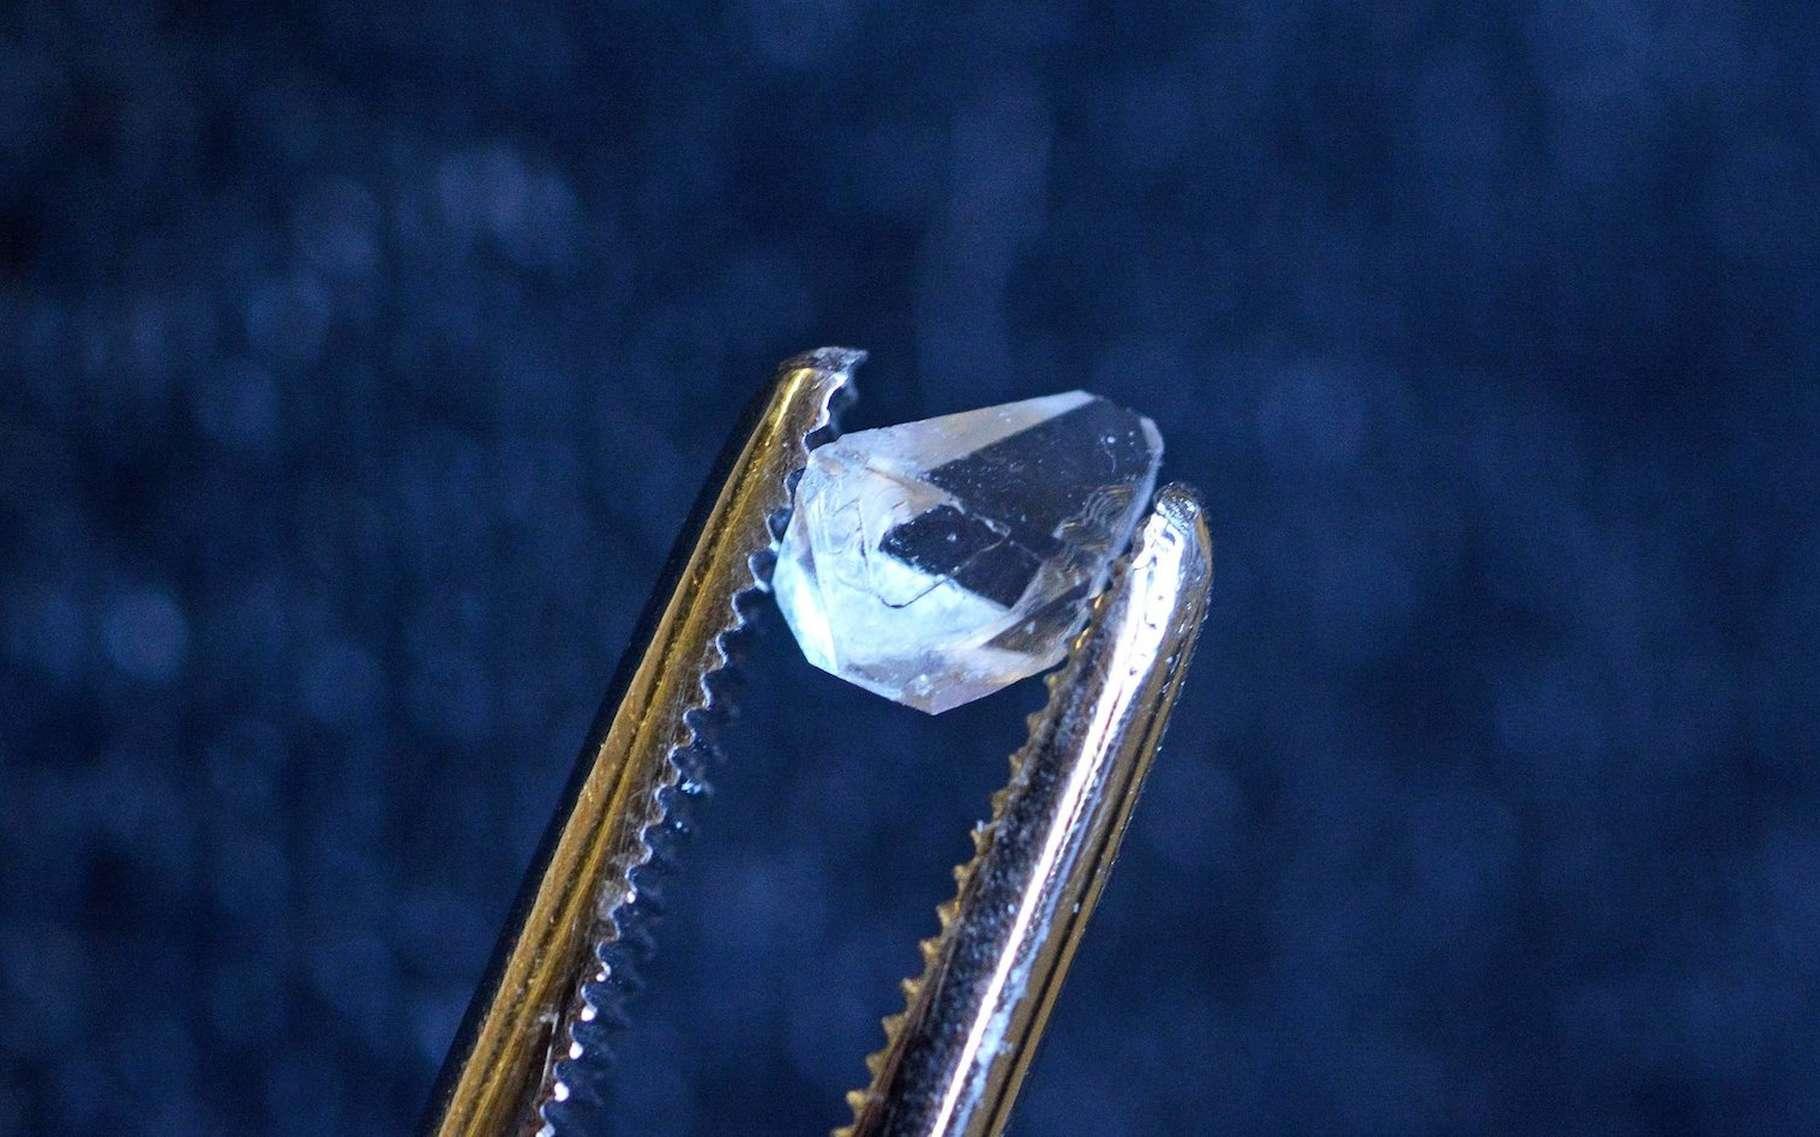 Des physiciens de l'université de Yale ont découvert la signature d'un cristal temporel au cœur d'un cristal de phosphate de monoammonium. © Michael Marsland, Université de Yale